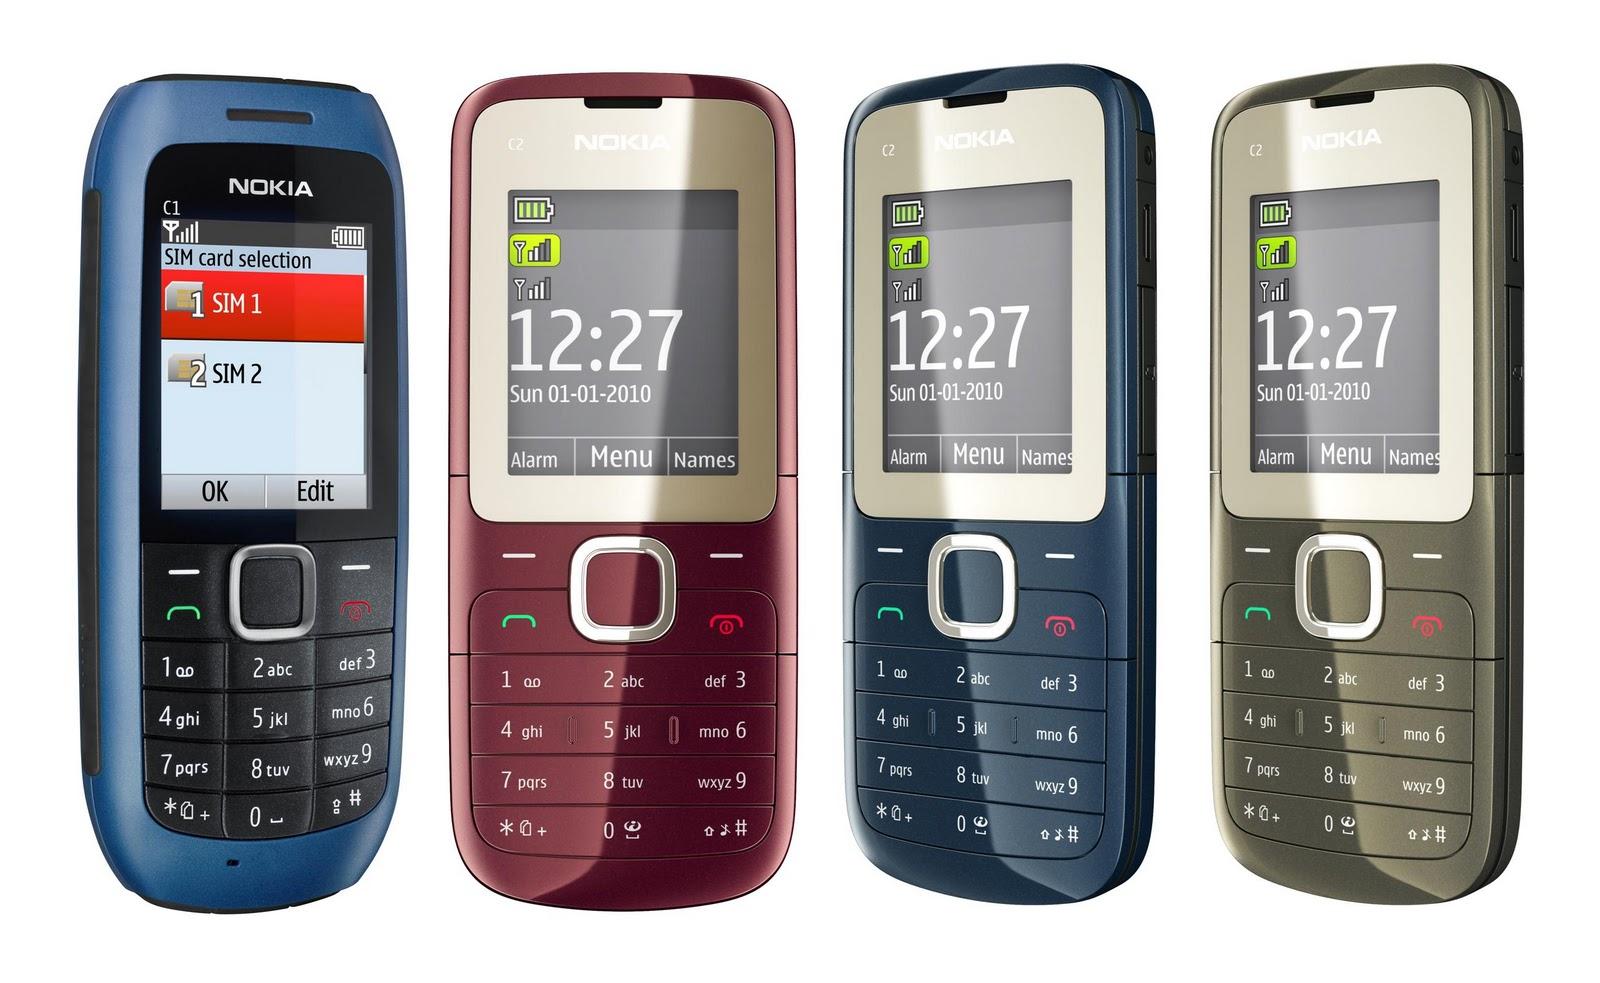 Мобильный телефон бюджетного класса Nokia С2-00 позиционируется как унисекс с двумя сим-картами.